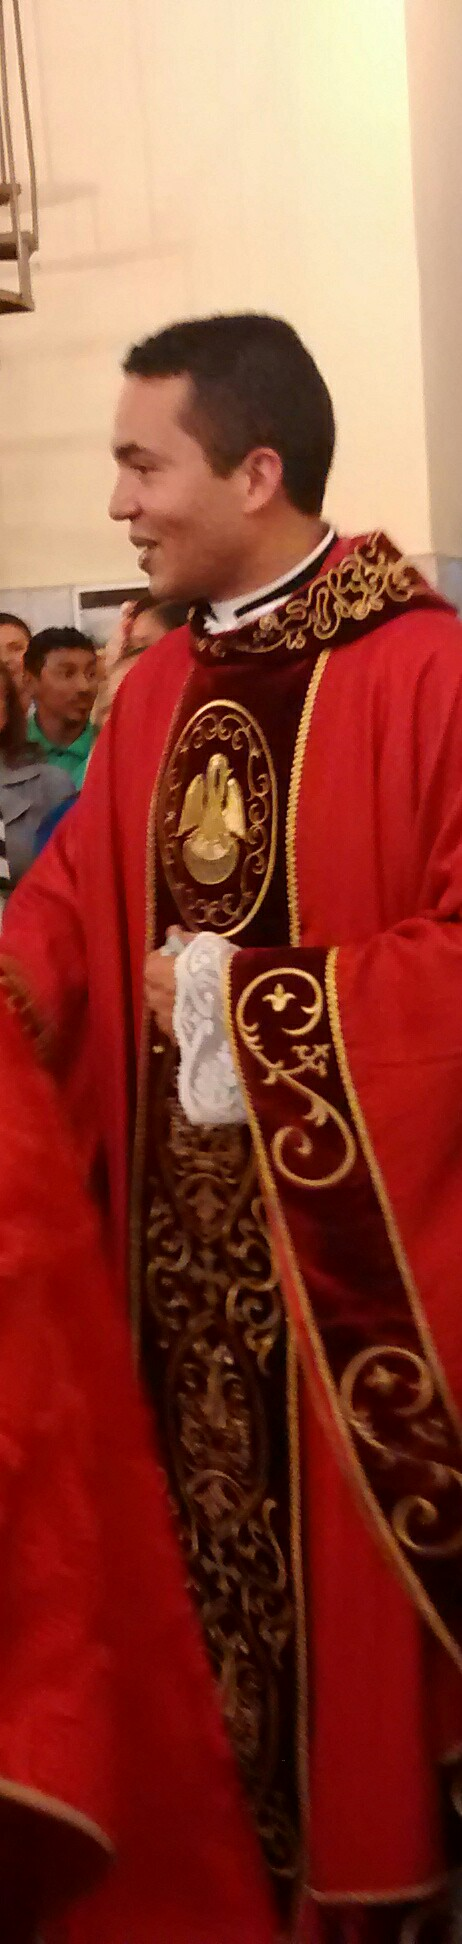 Padre Vicente Oliveira presidiu a primeira missa em Caucaia. O neo-sacerdote estava visivelmente emocionado.